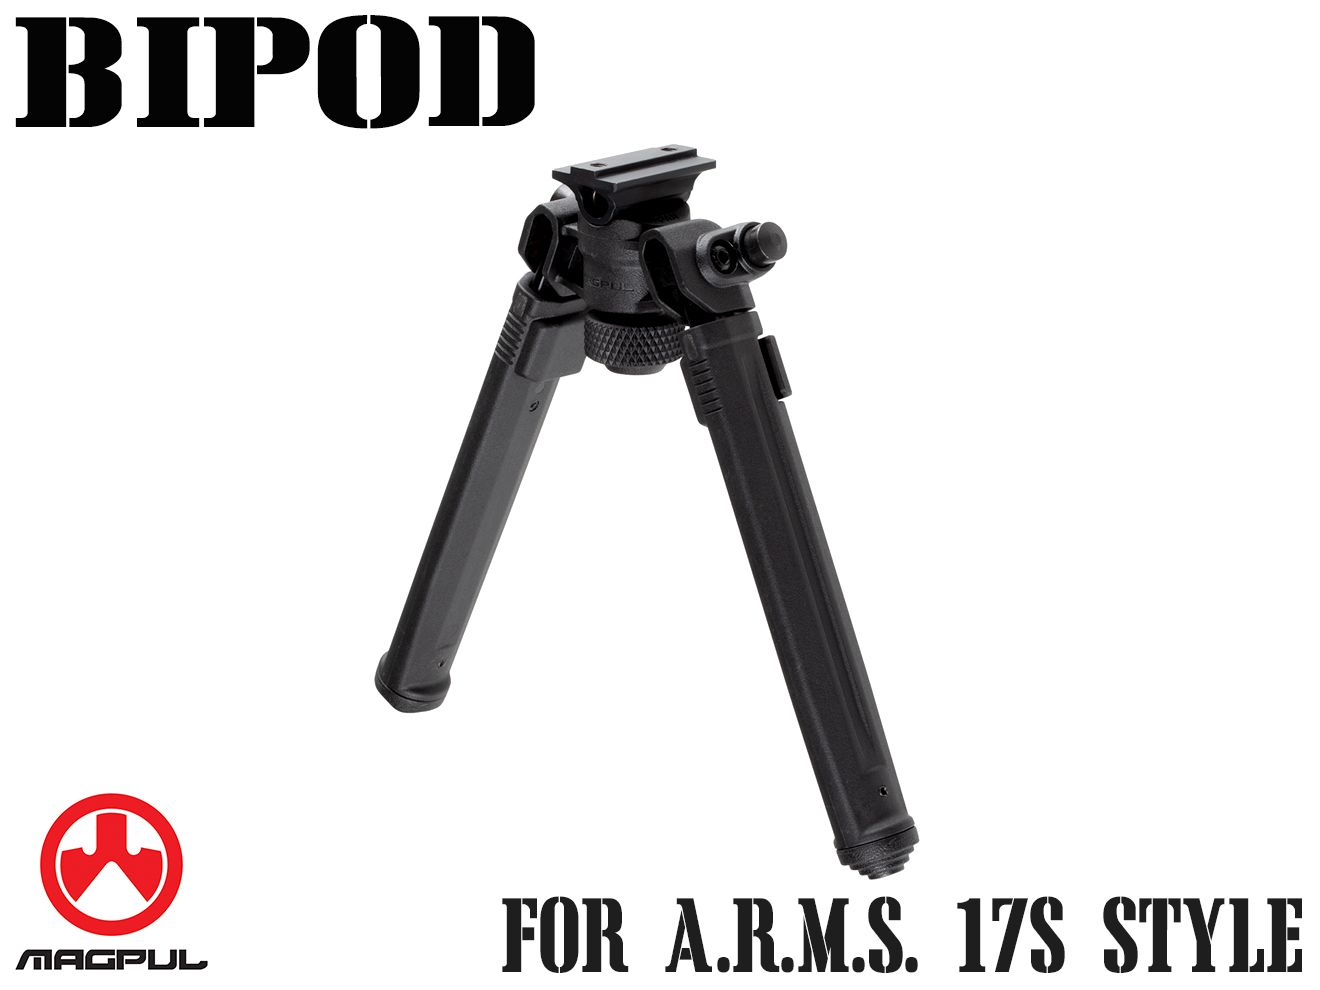 Magpul バイポッド for A.R.M.S. 17S Style◆BK マグプル正規品 A.R.M.S. 17S スタイル レールアダプター対応 7段階調整 軽量 MA556490307